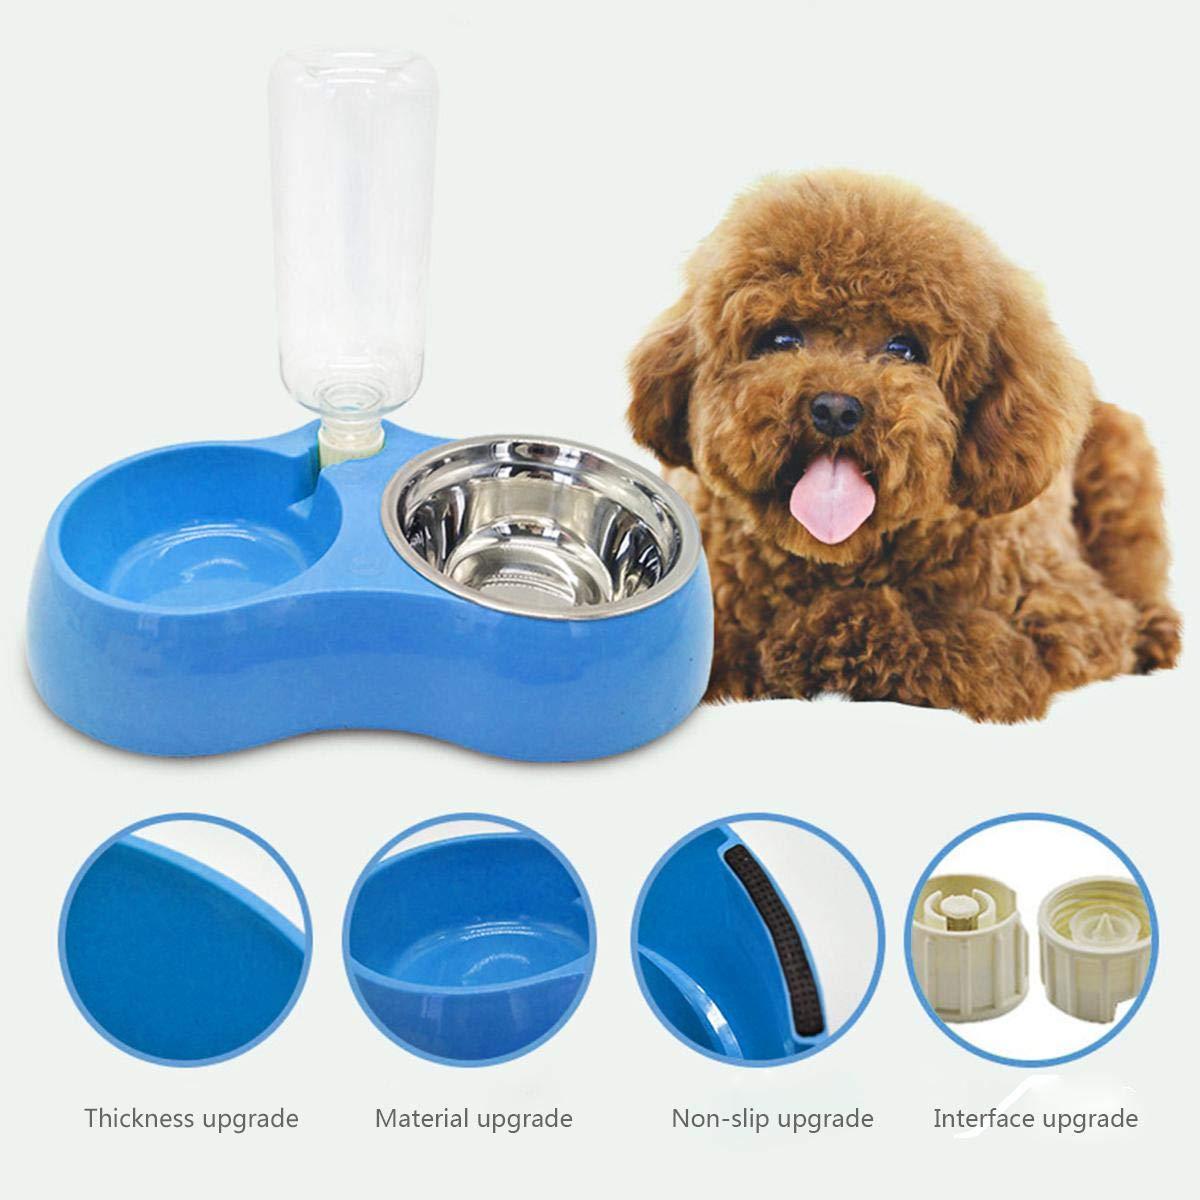 cuencos dobles para mascotas, cuenco de acero inoxidable desmontable para perro o gato,cuenco de agua para comida para mascotas, alimentador automático de ...